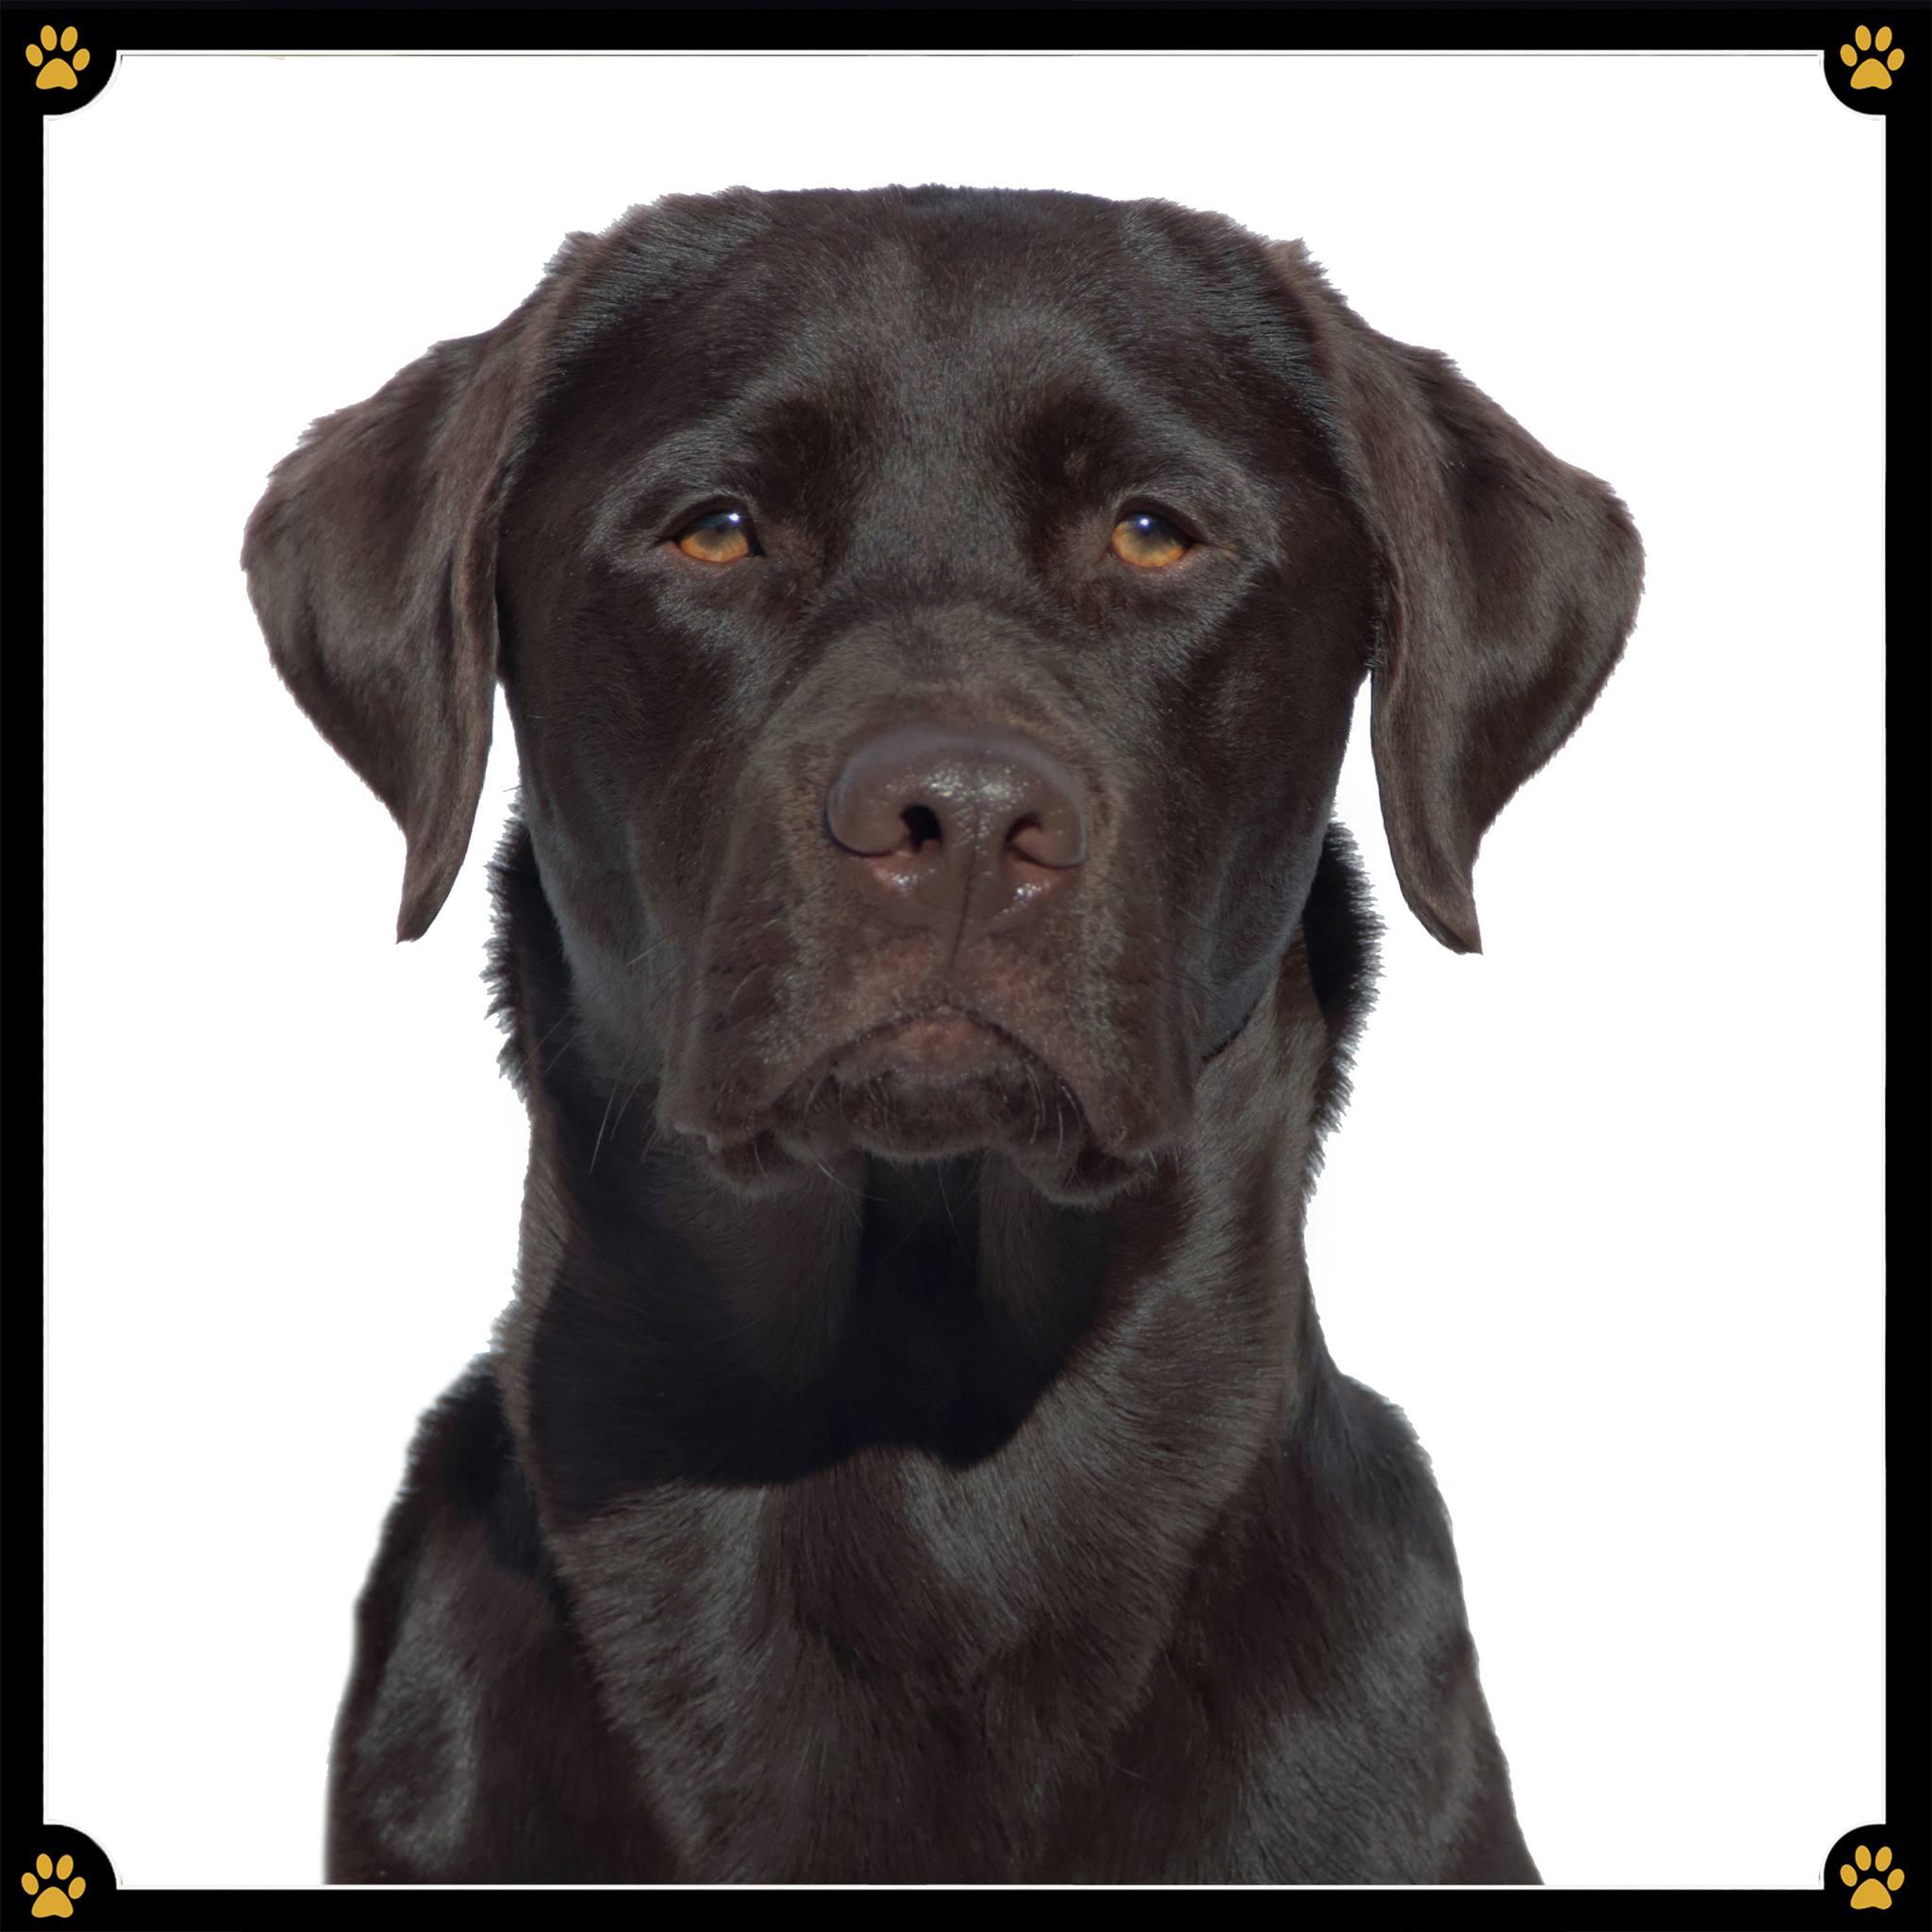 """Spätestens seit """"Marley und Ich""""… - …steht er ganz oben auf der Hitliste der beliebtesten Familienhunde: Der Labrador Retriever. 💛Sportlich und gut gelaunt – das wäre wohl die kürzeste Beschreibung des menschenbezogenen und vor allem kinderlieben Begleiters. Dabei kann der freundliche und intelligente Hund in Wirklichkeit viel mehr als nur spielen. 😜Er hat einen großen Arbeitswillen und ist äußerst gelehrig. 👨🏻🎓 Selbst Anfängern nimmt er erste Erziehungsfehler nicht übel. Sein ausgeprägter """"will-to-please"""" macht die Arbeit mit ihm einfach und sie wird zu einer erfüllenden Freizeitbeschäftigung für die ganze Familie.😄Er ist von Natur aus bemüht, zu verstehen, was seine Bezugsperson von ihm erwartet. Diese Kooperationsbereitschaft sollte stets gefördert werden - so lernt der Hund mit großer Motivation gern neue Kommandos und folgt seinem Rudel bedingungslos. 💞Wer ihn allerdings """"nur"""" dabei sein lässt, ihn nicht beschäftigt und seinem Lerntrieb nicht nachkommt, der läuft Gefahr irgendwann mit einem dieser nichtabrufbaren """"Tutnixe"""" spazieren zu gehen, denen wir alle schon beim Spaziergang begegnet sind. 😉"""